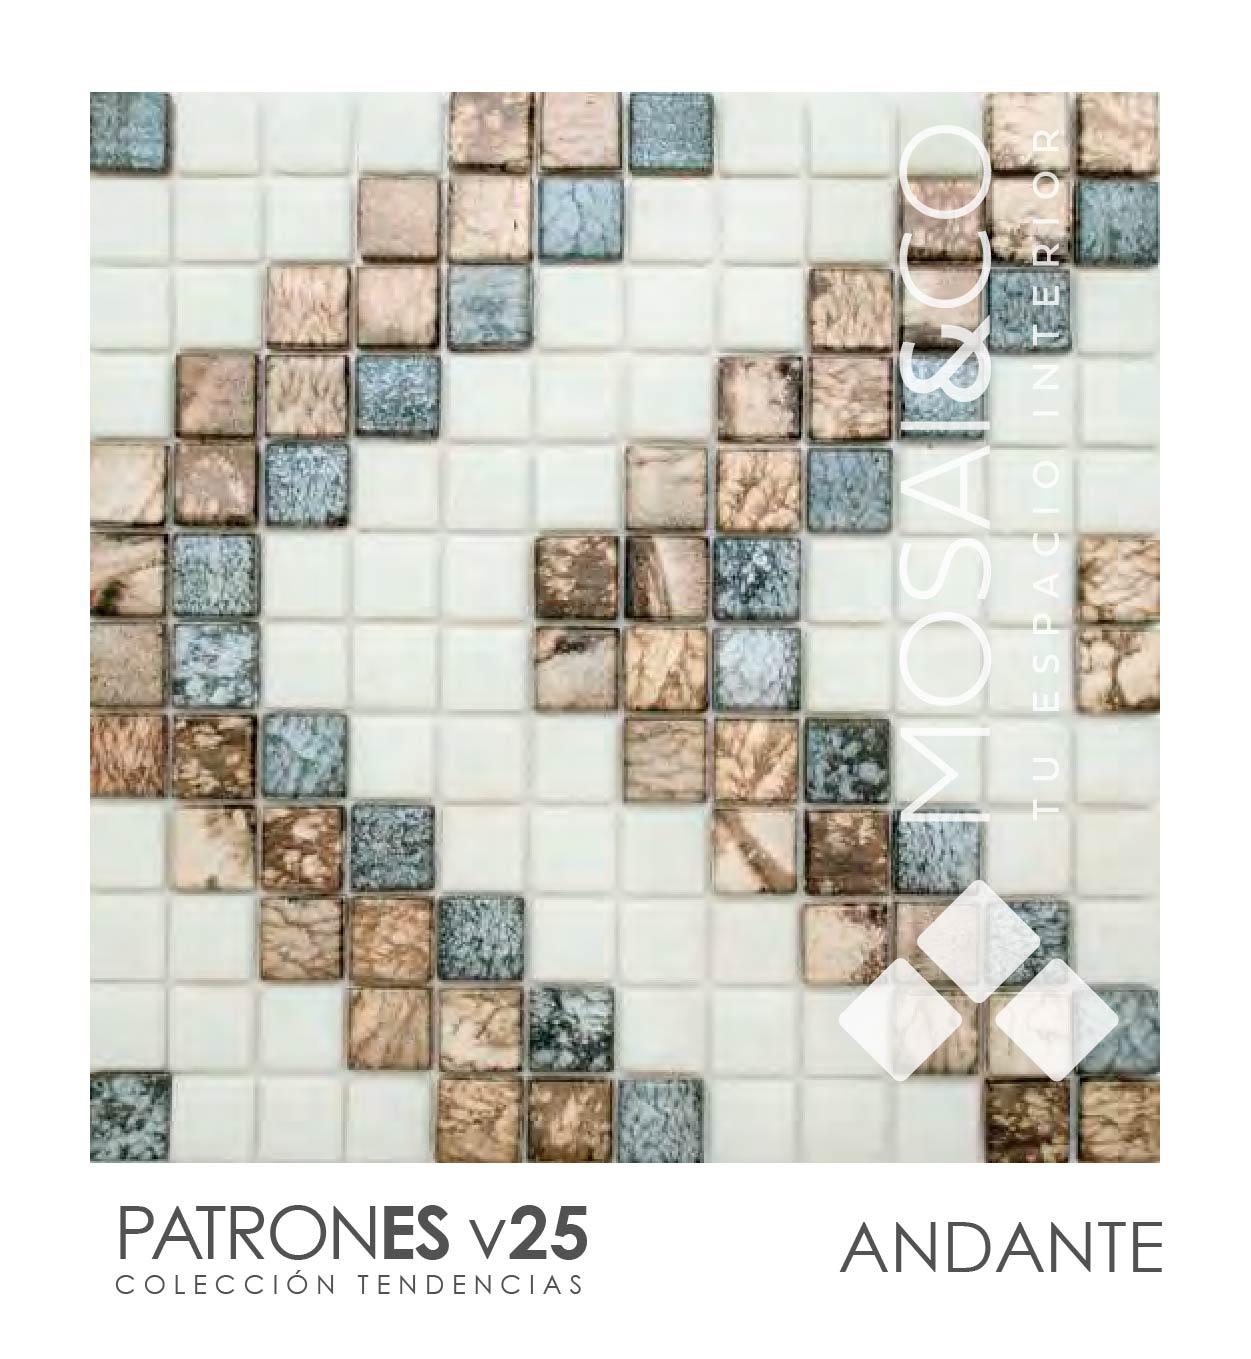 mosaico-decoracion-interiores-mosaiandco-coleccion-patrones-v25-_Mesa de trabajo 1 copia 47